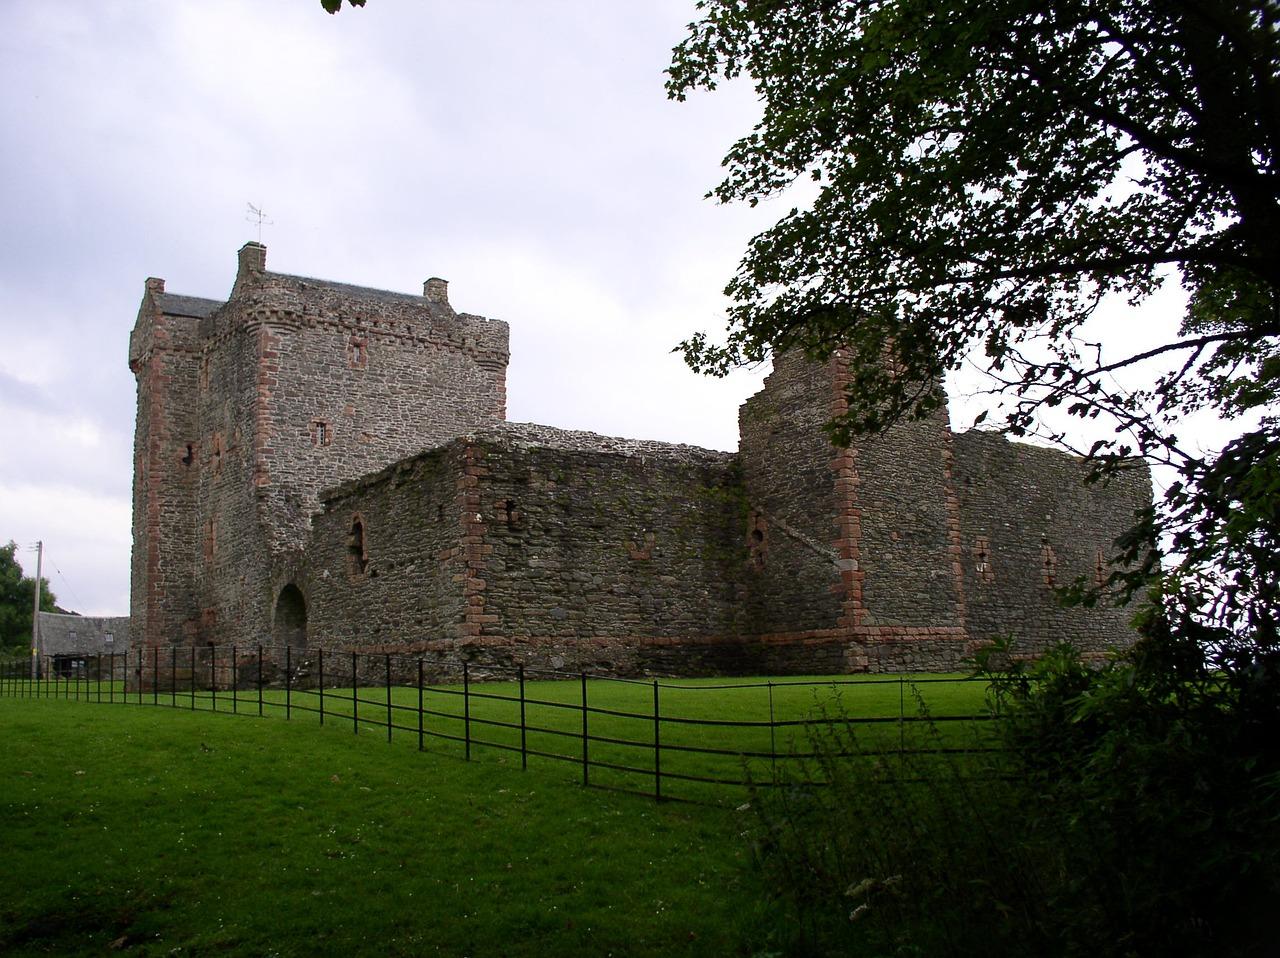 это замок ликлихед шотландия фото незабываемое феерическое